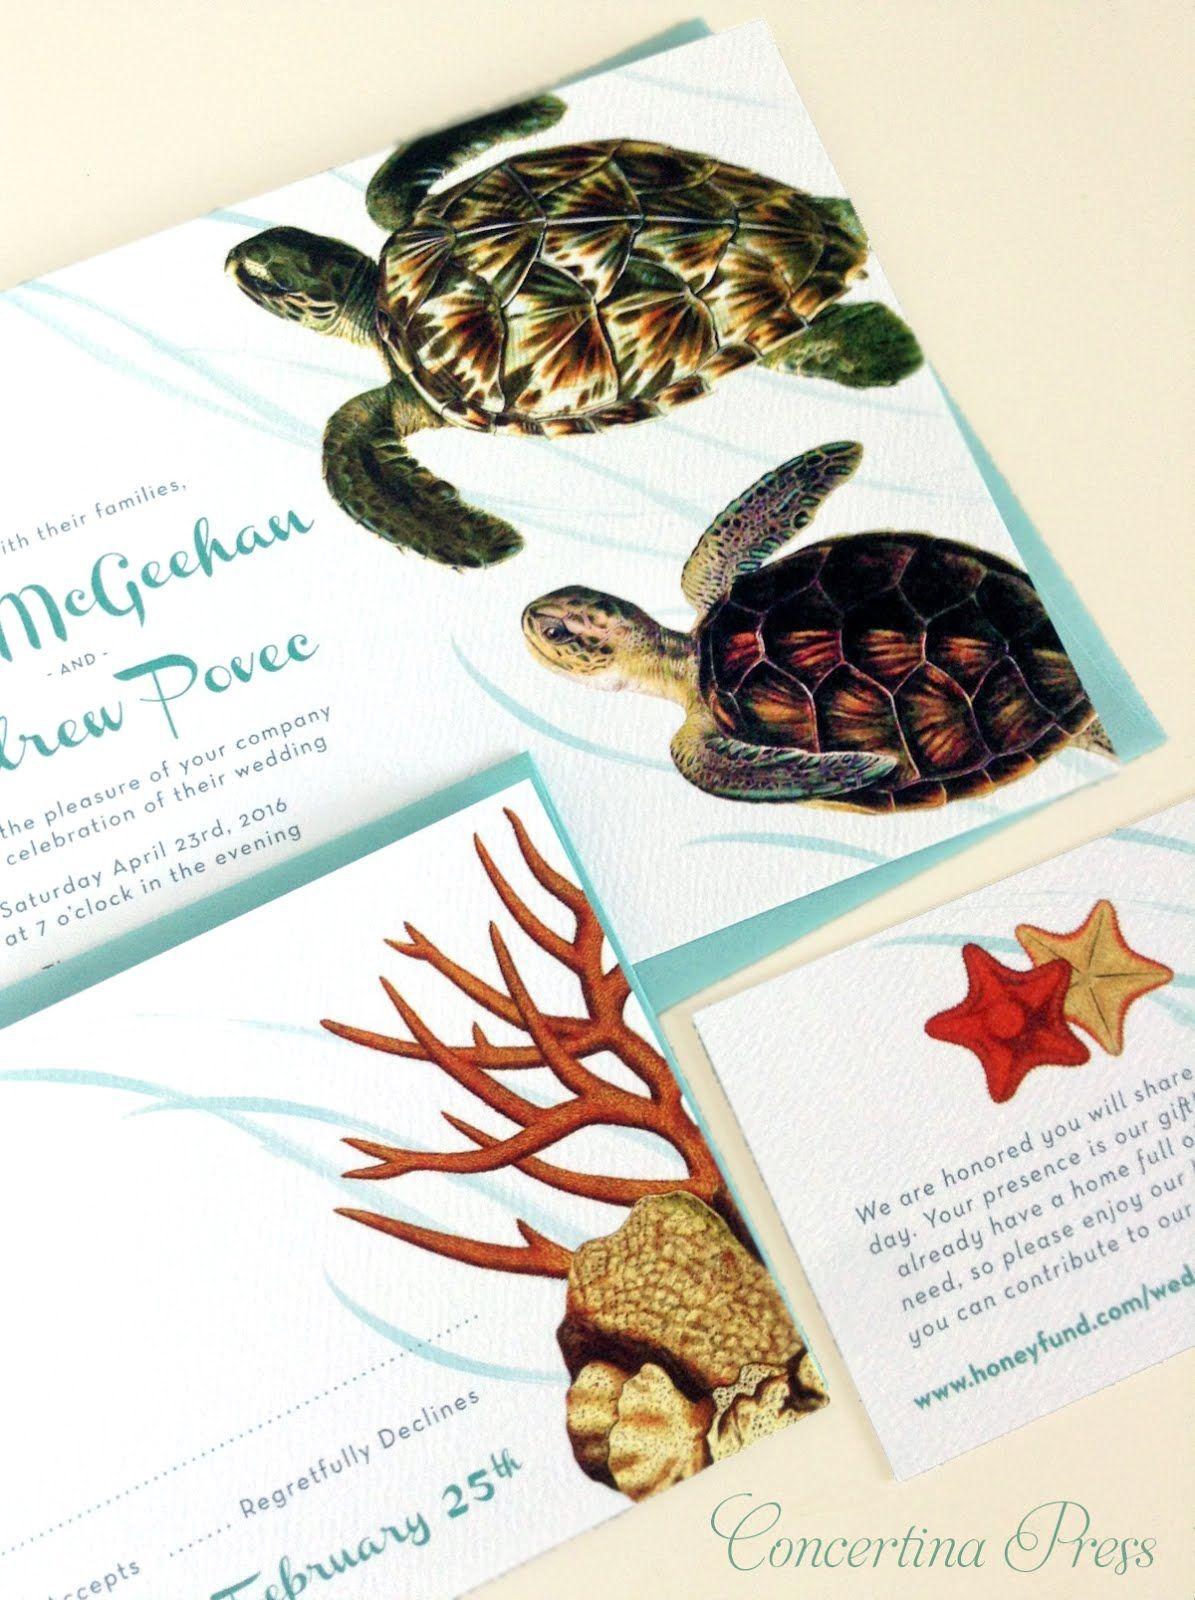 Sea Turtle Aquarium Wedding Invitations | Aquarium Wedding ...